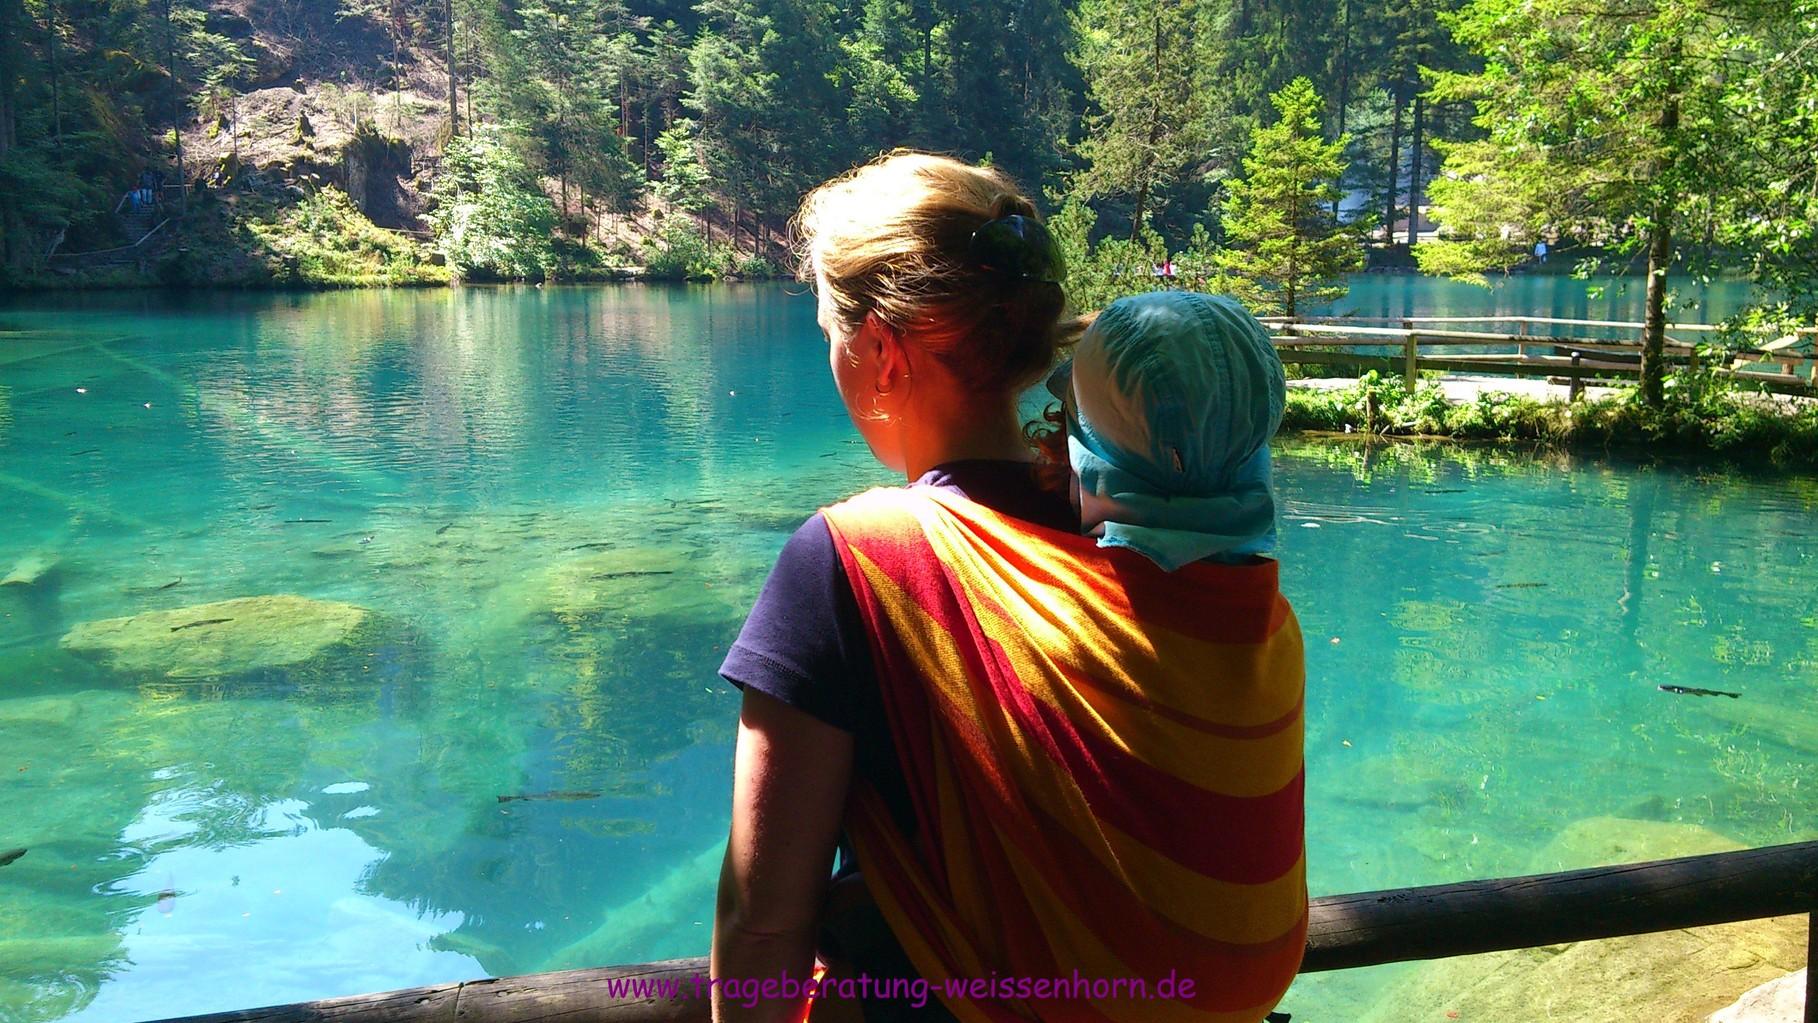 Am Blausee/Schweiz - ein Lieblingsfoto!